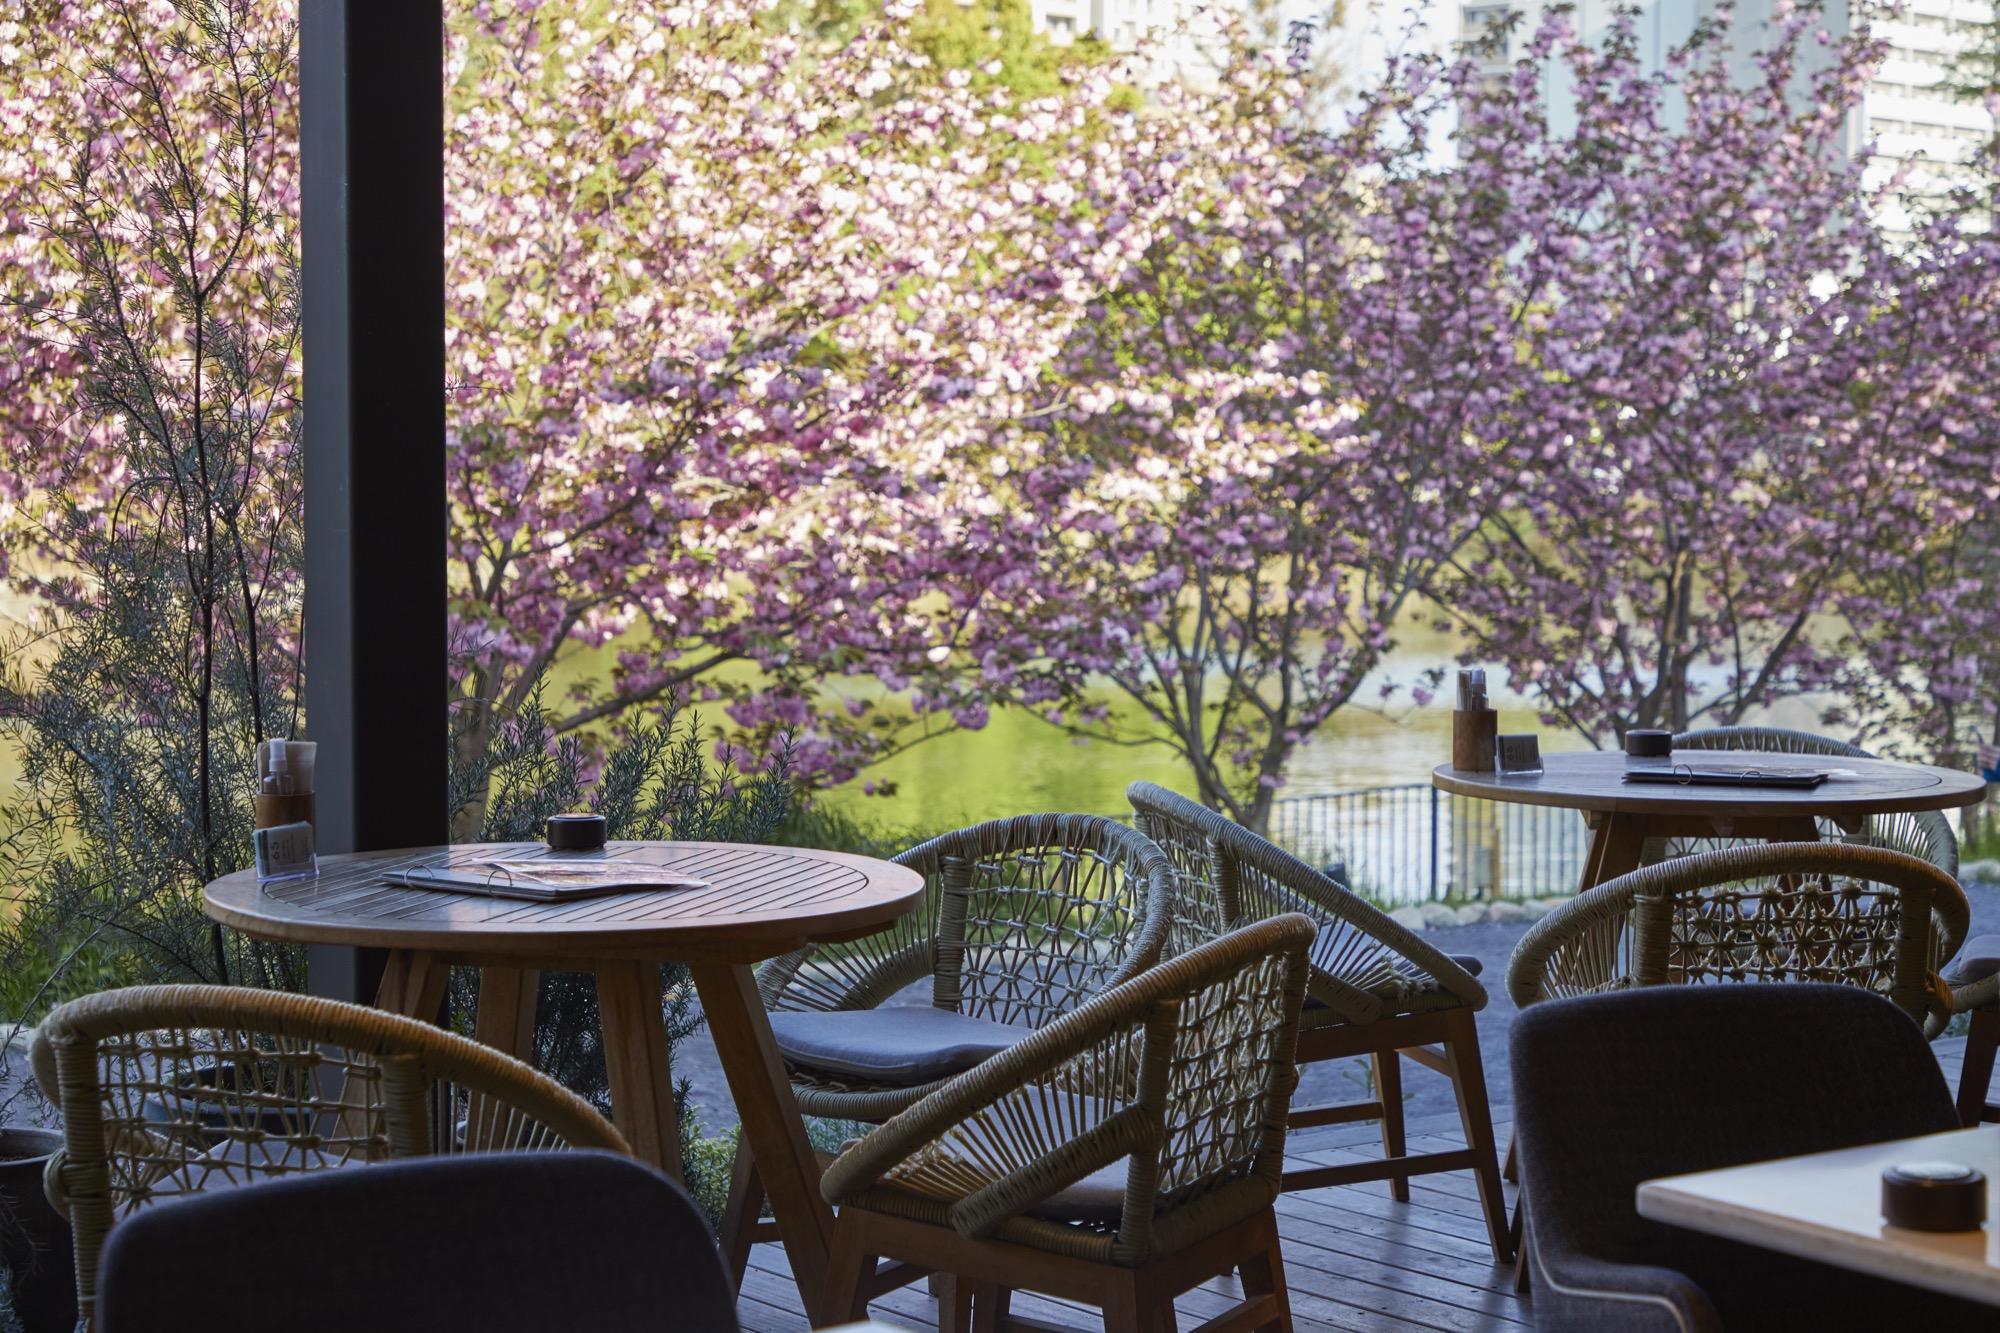 まだ間に合う!大阪 北摂 千里南公園内「バードツリー」に桜テラスが誕生!!満開の桜に囲まれた手ぶらで楽しめるお花見BBQを開催中